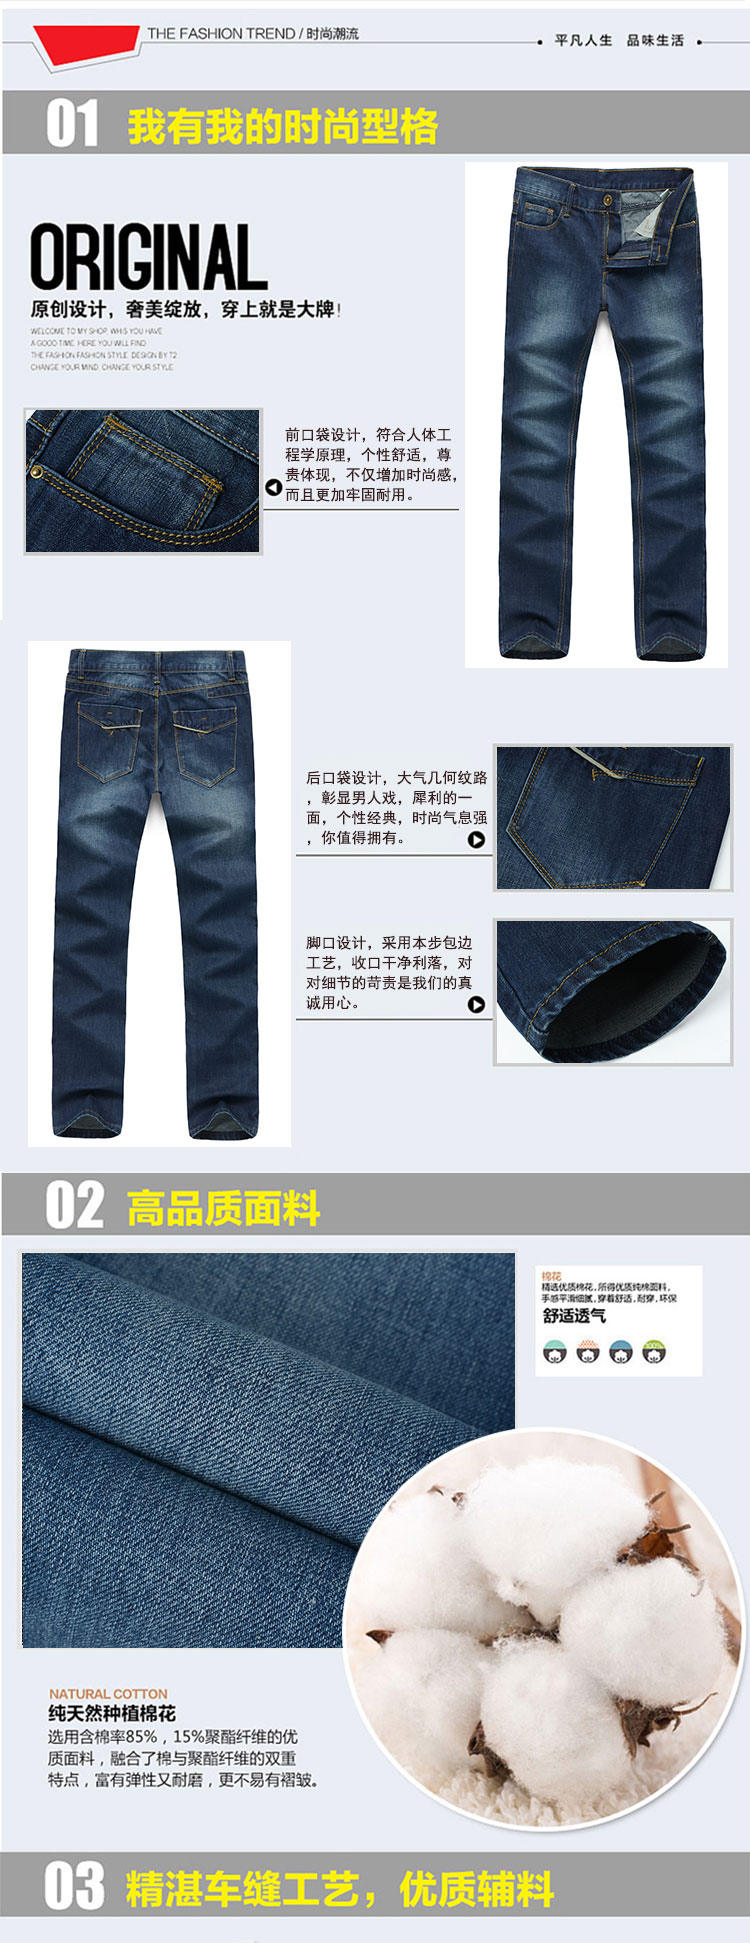 库存牛仔裤男39元批发 修身男式牛仔长裤 男装新款图片三